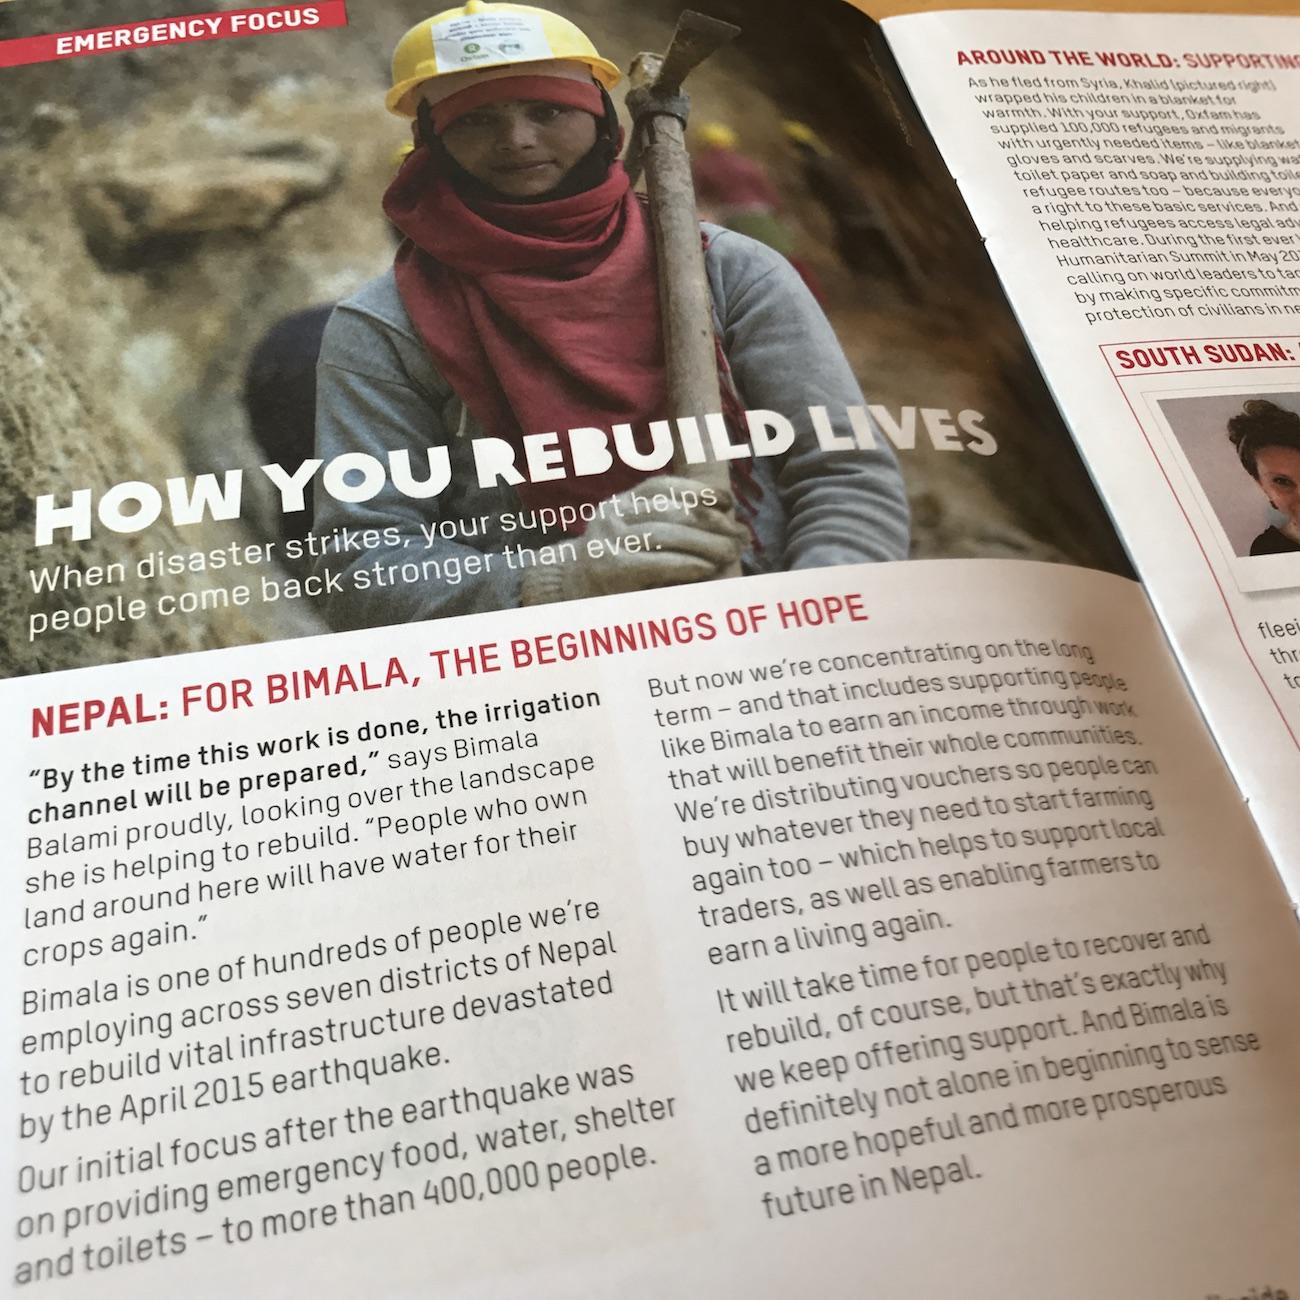 Inside Oxfam article on Nepal earthquake